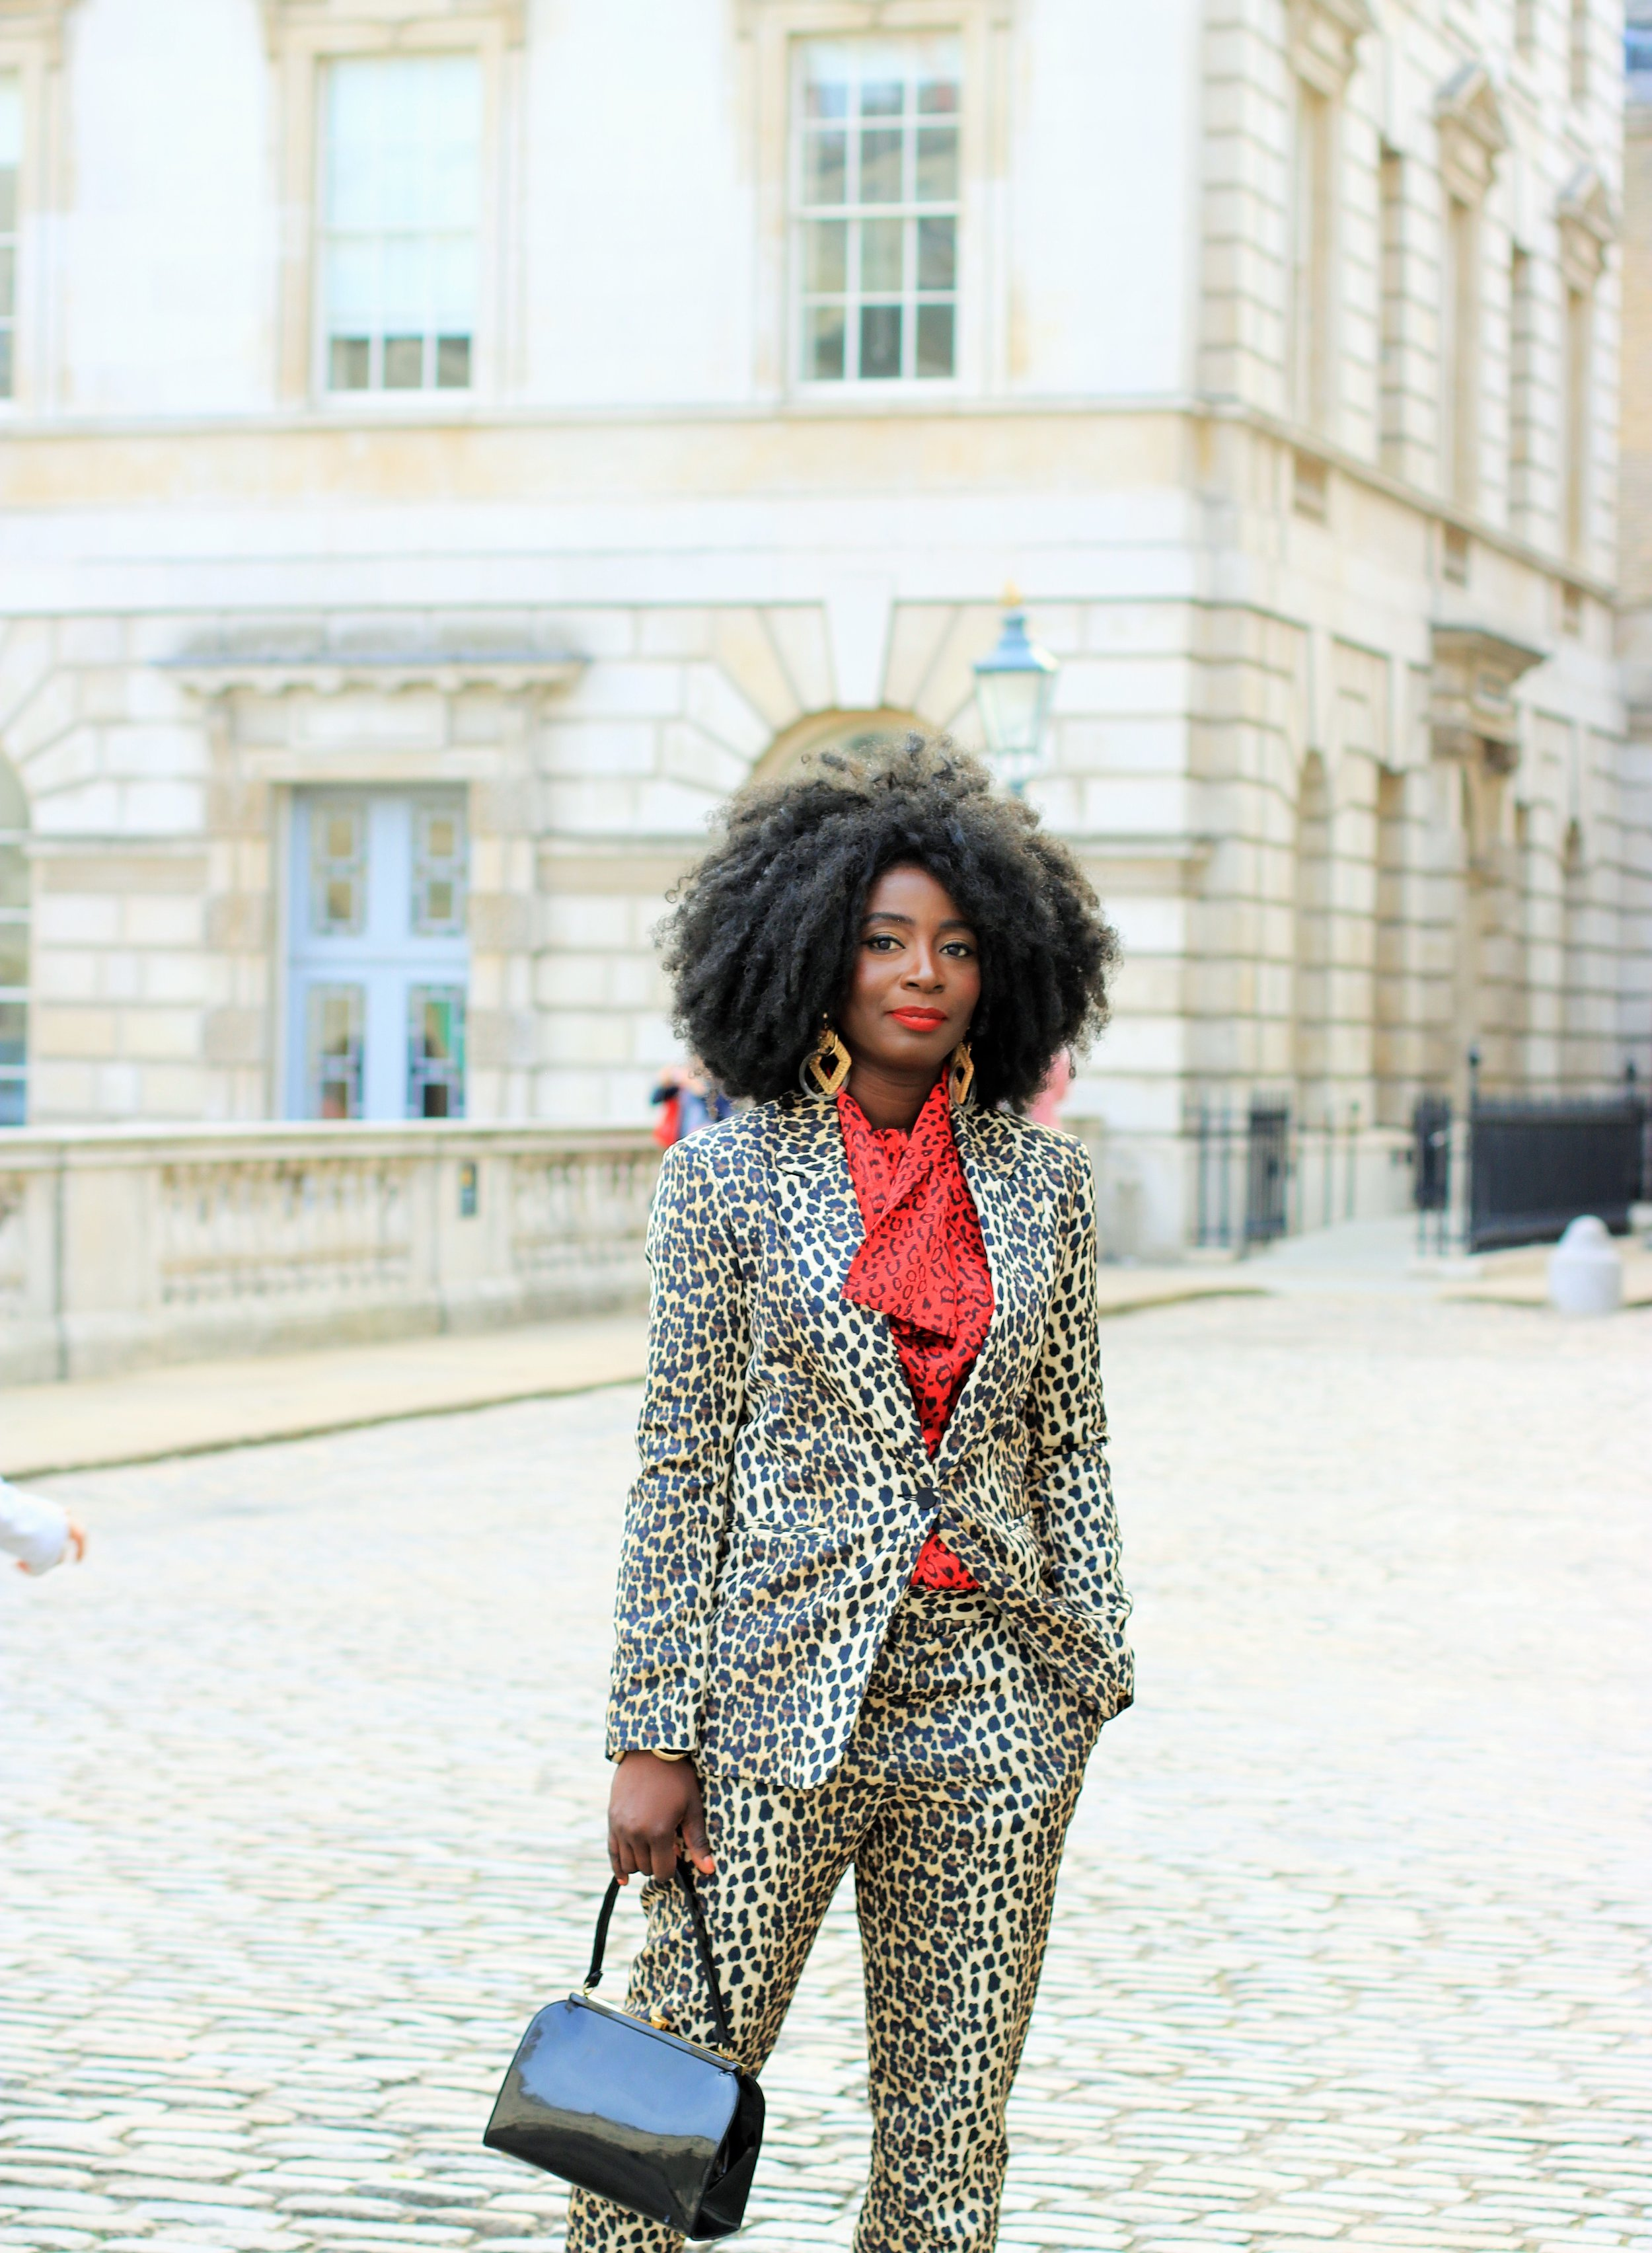 Leopard_Suit_Outfit_Ideas